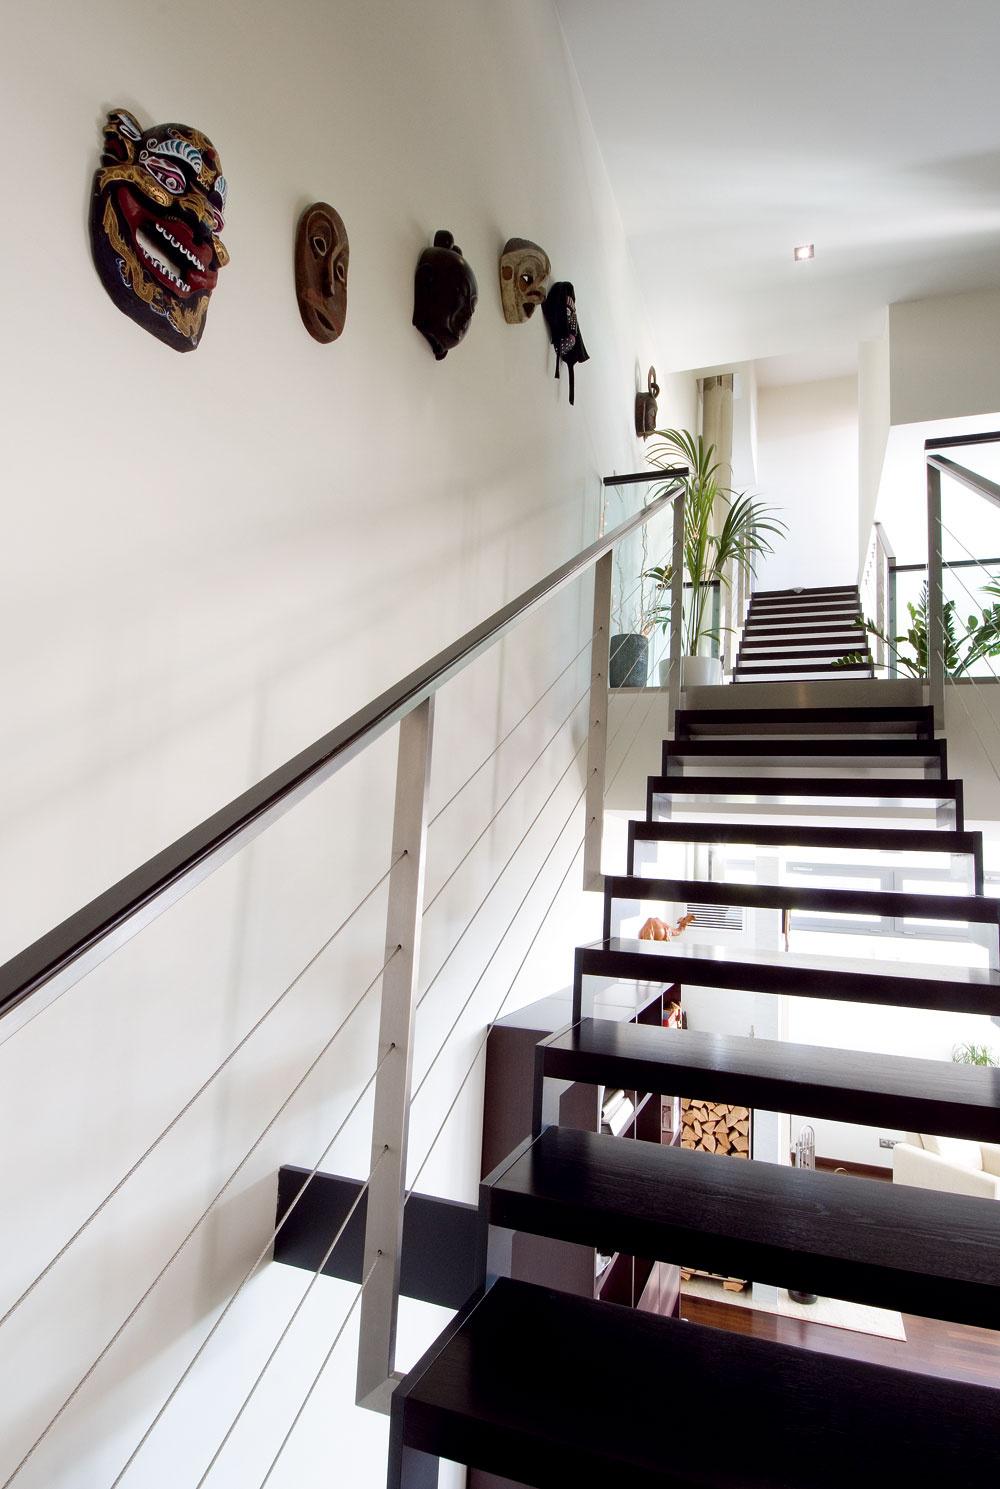 Oceľové schodisko sdrevenými stupňami malo byť pôvodne ukotvené celkom pri stene, majitelia sú však snávrhom architektov nakoniec spokojní.